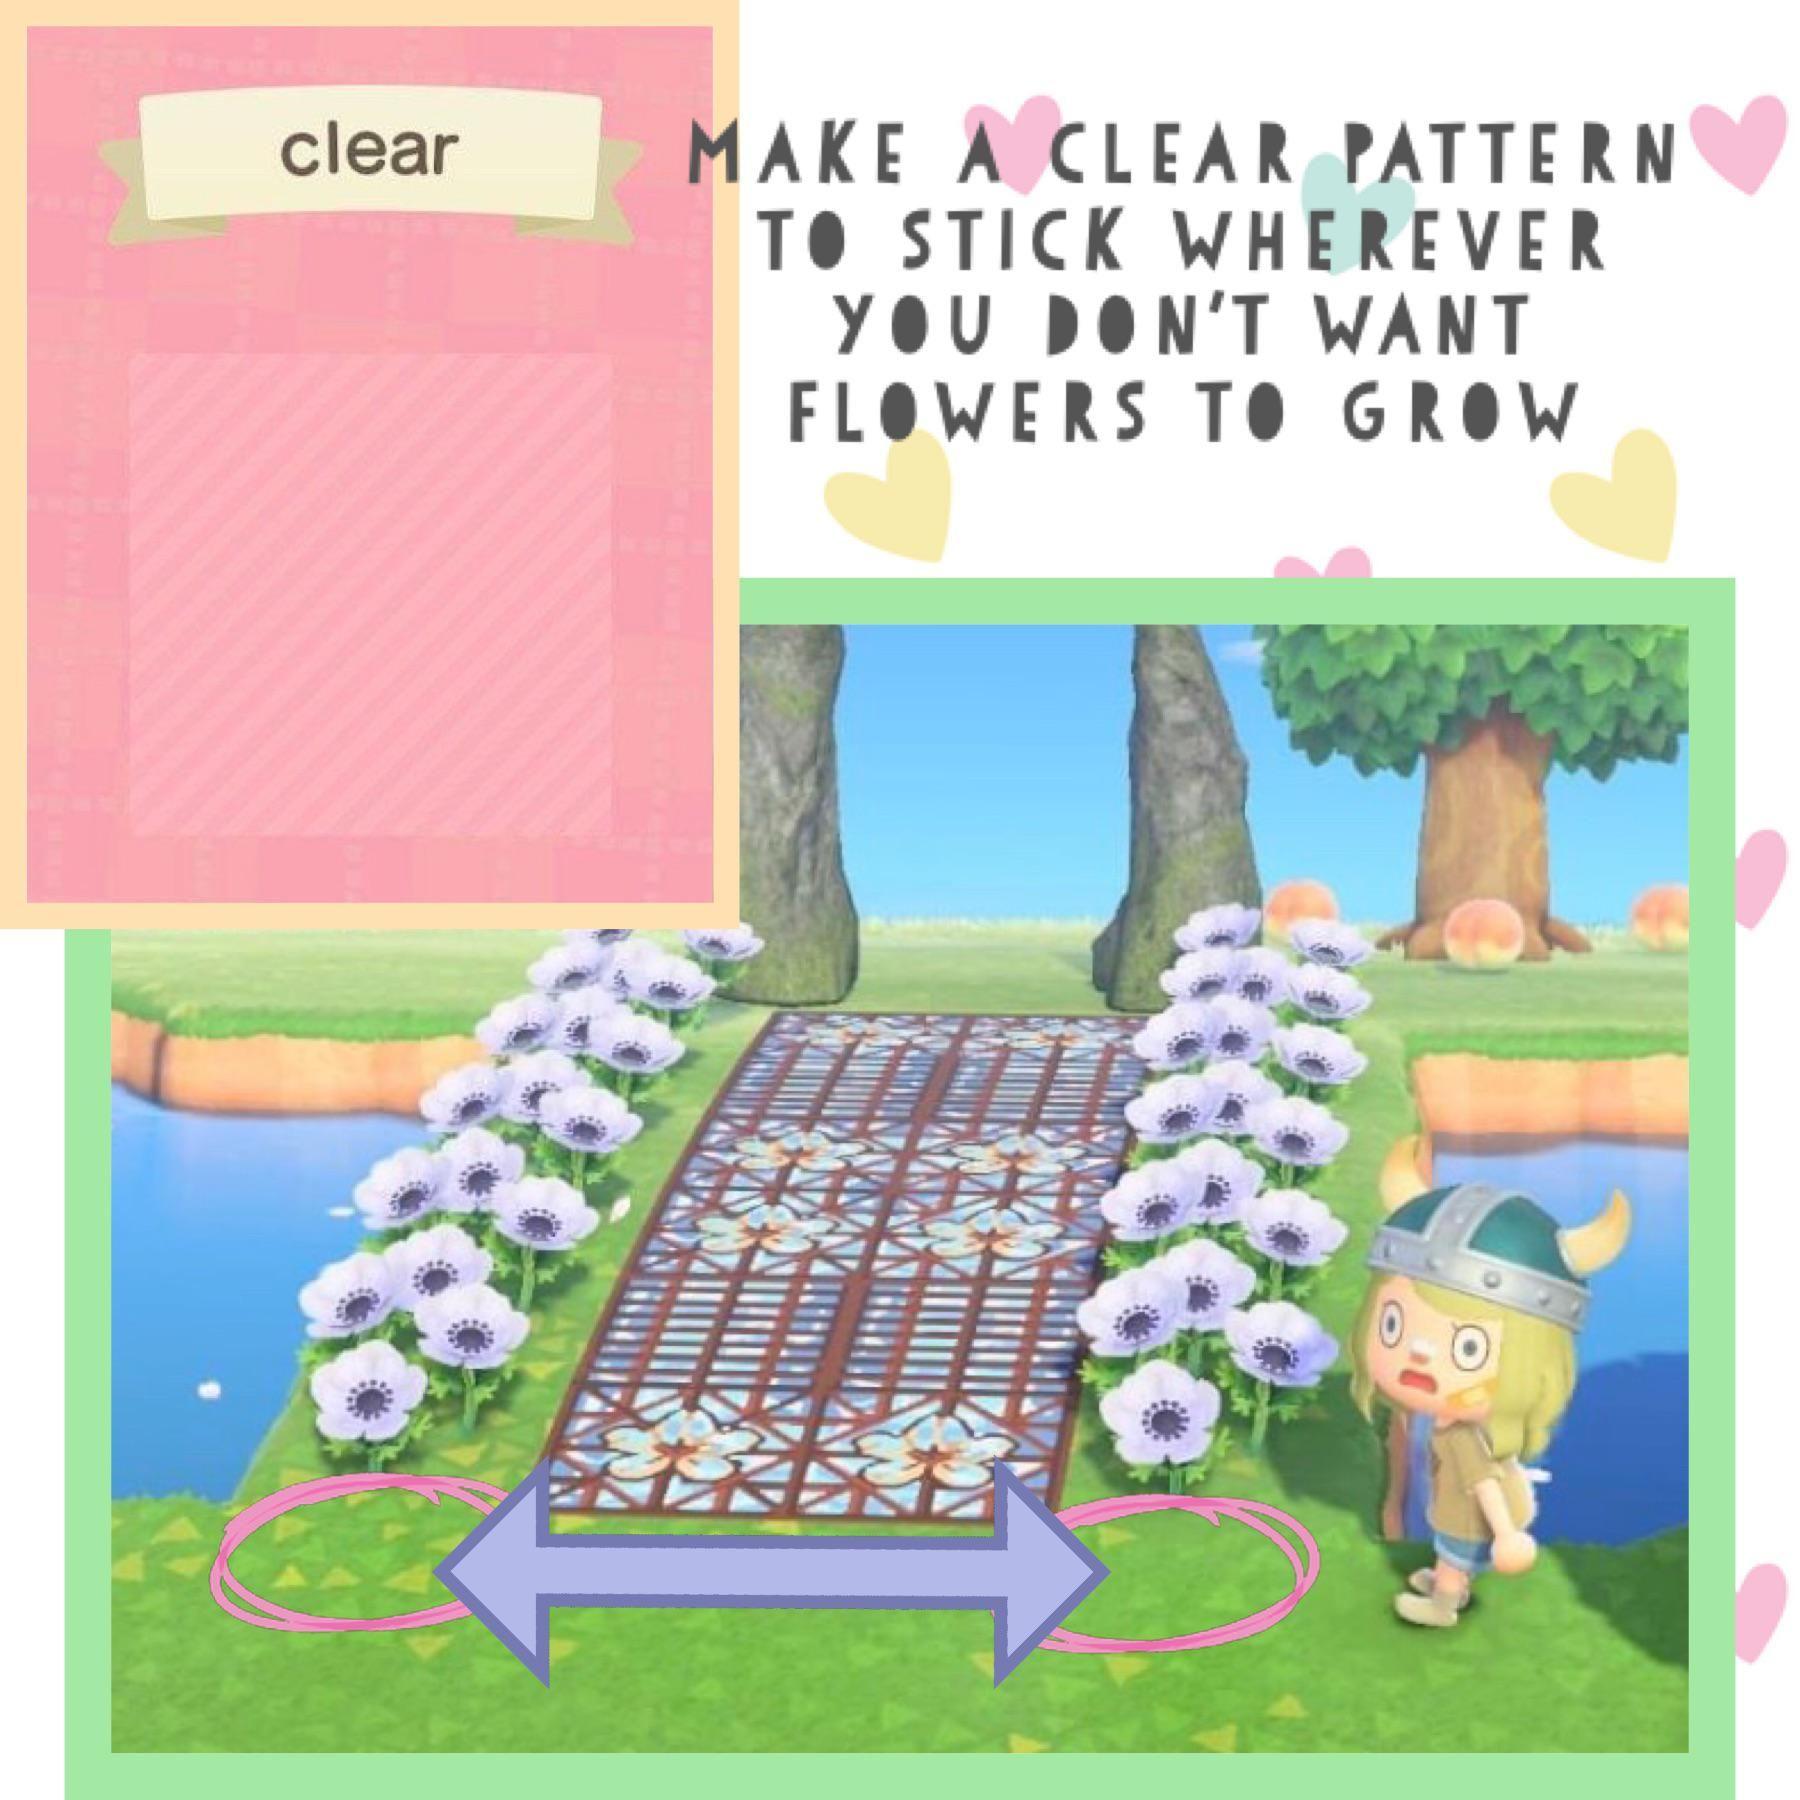 10+ Animal crossing flower pattern ideas